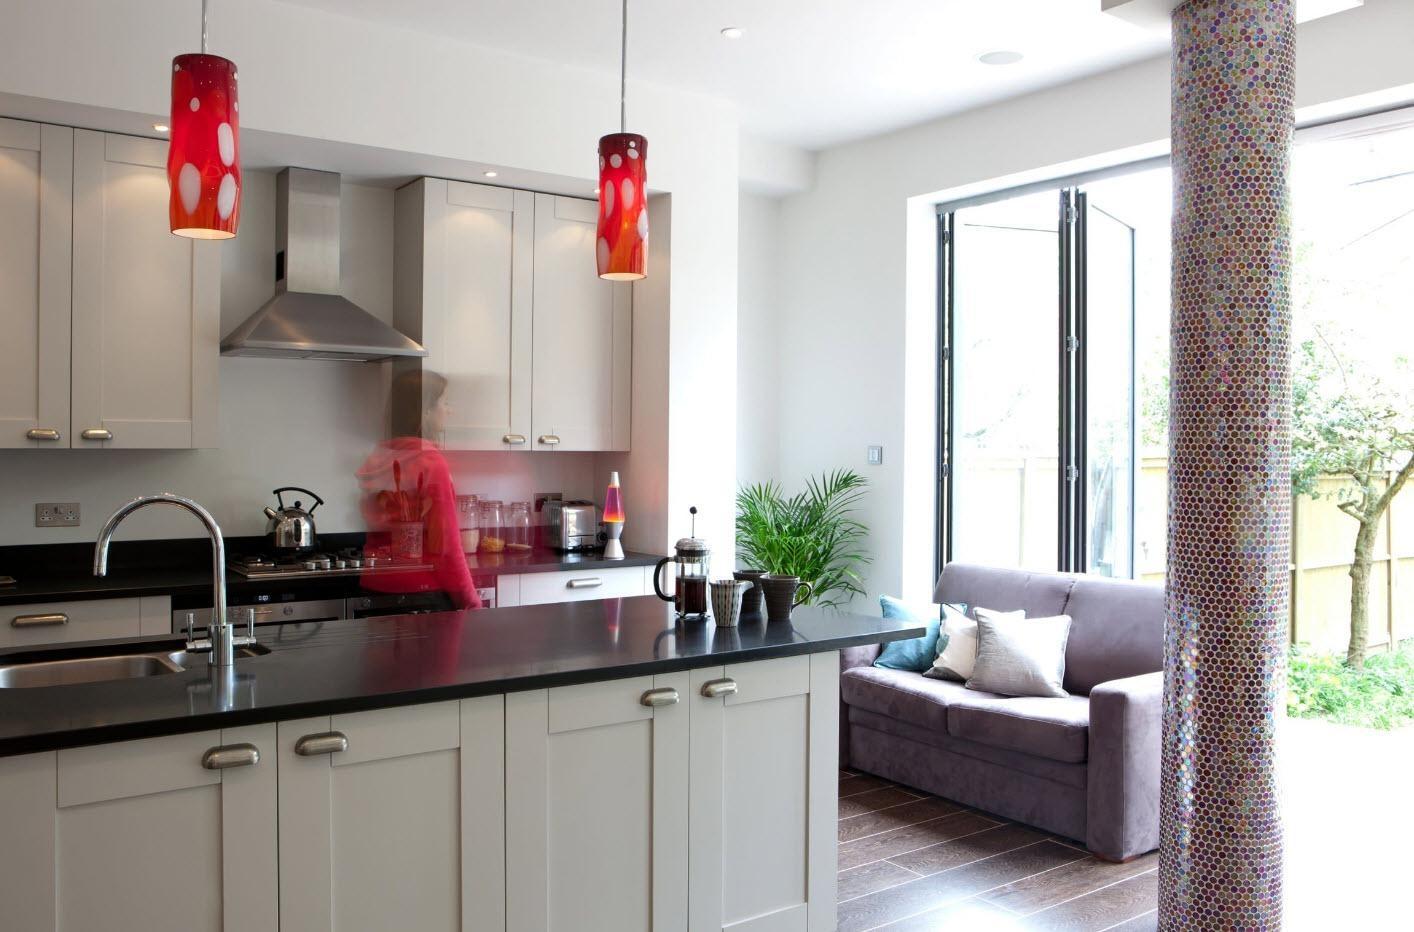 Kitchen Diner Sofa Ideas - Kitchen Design with regard to Sofas For Kitchen Diner